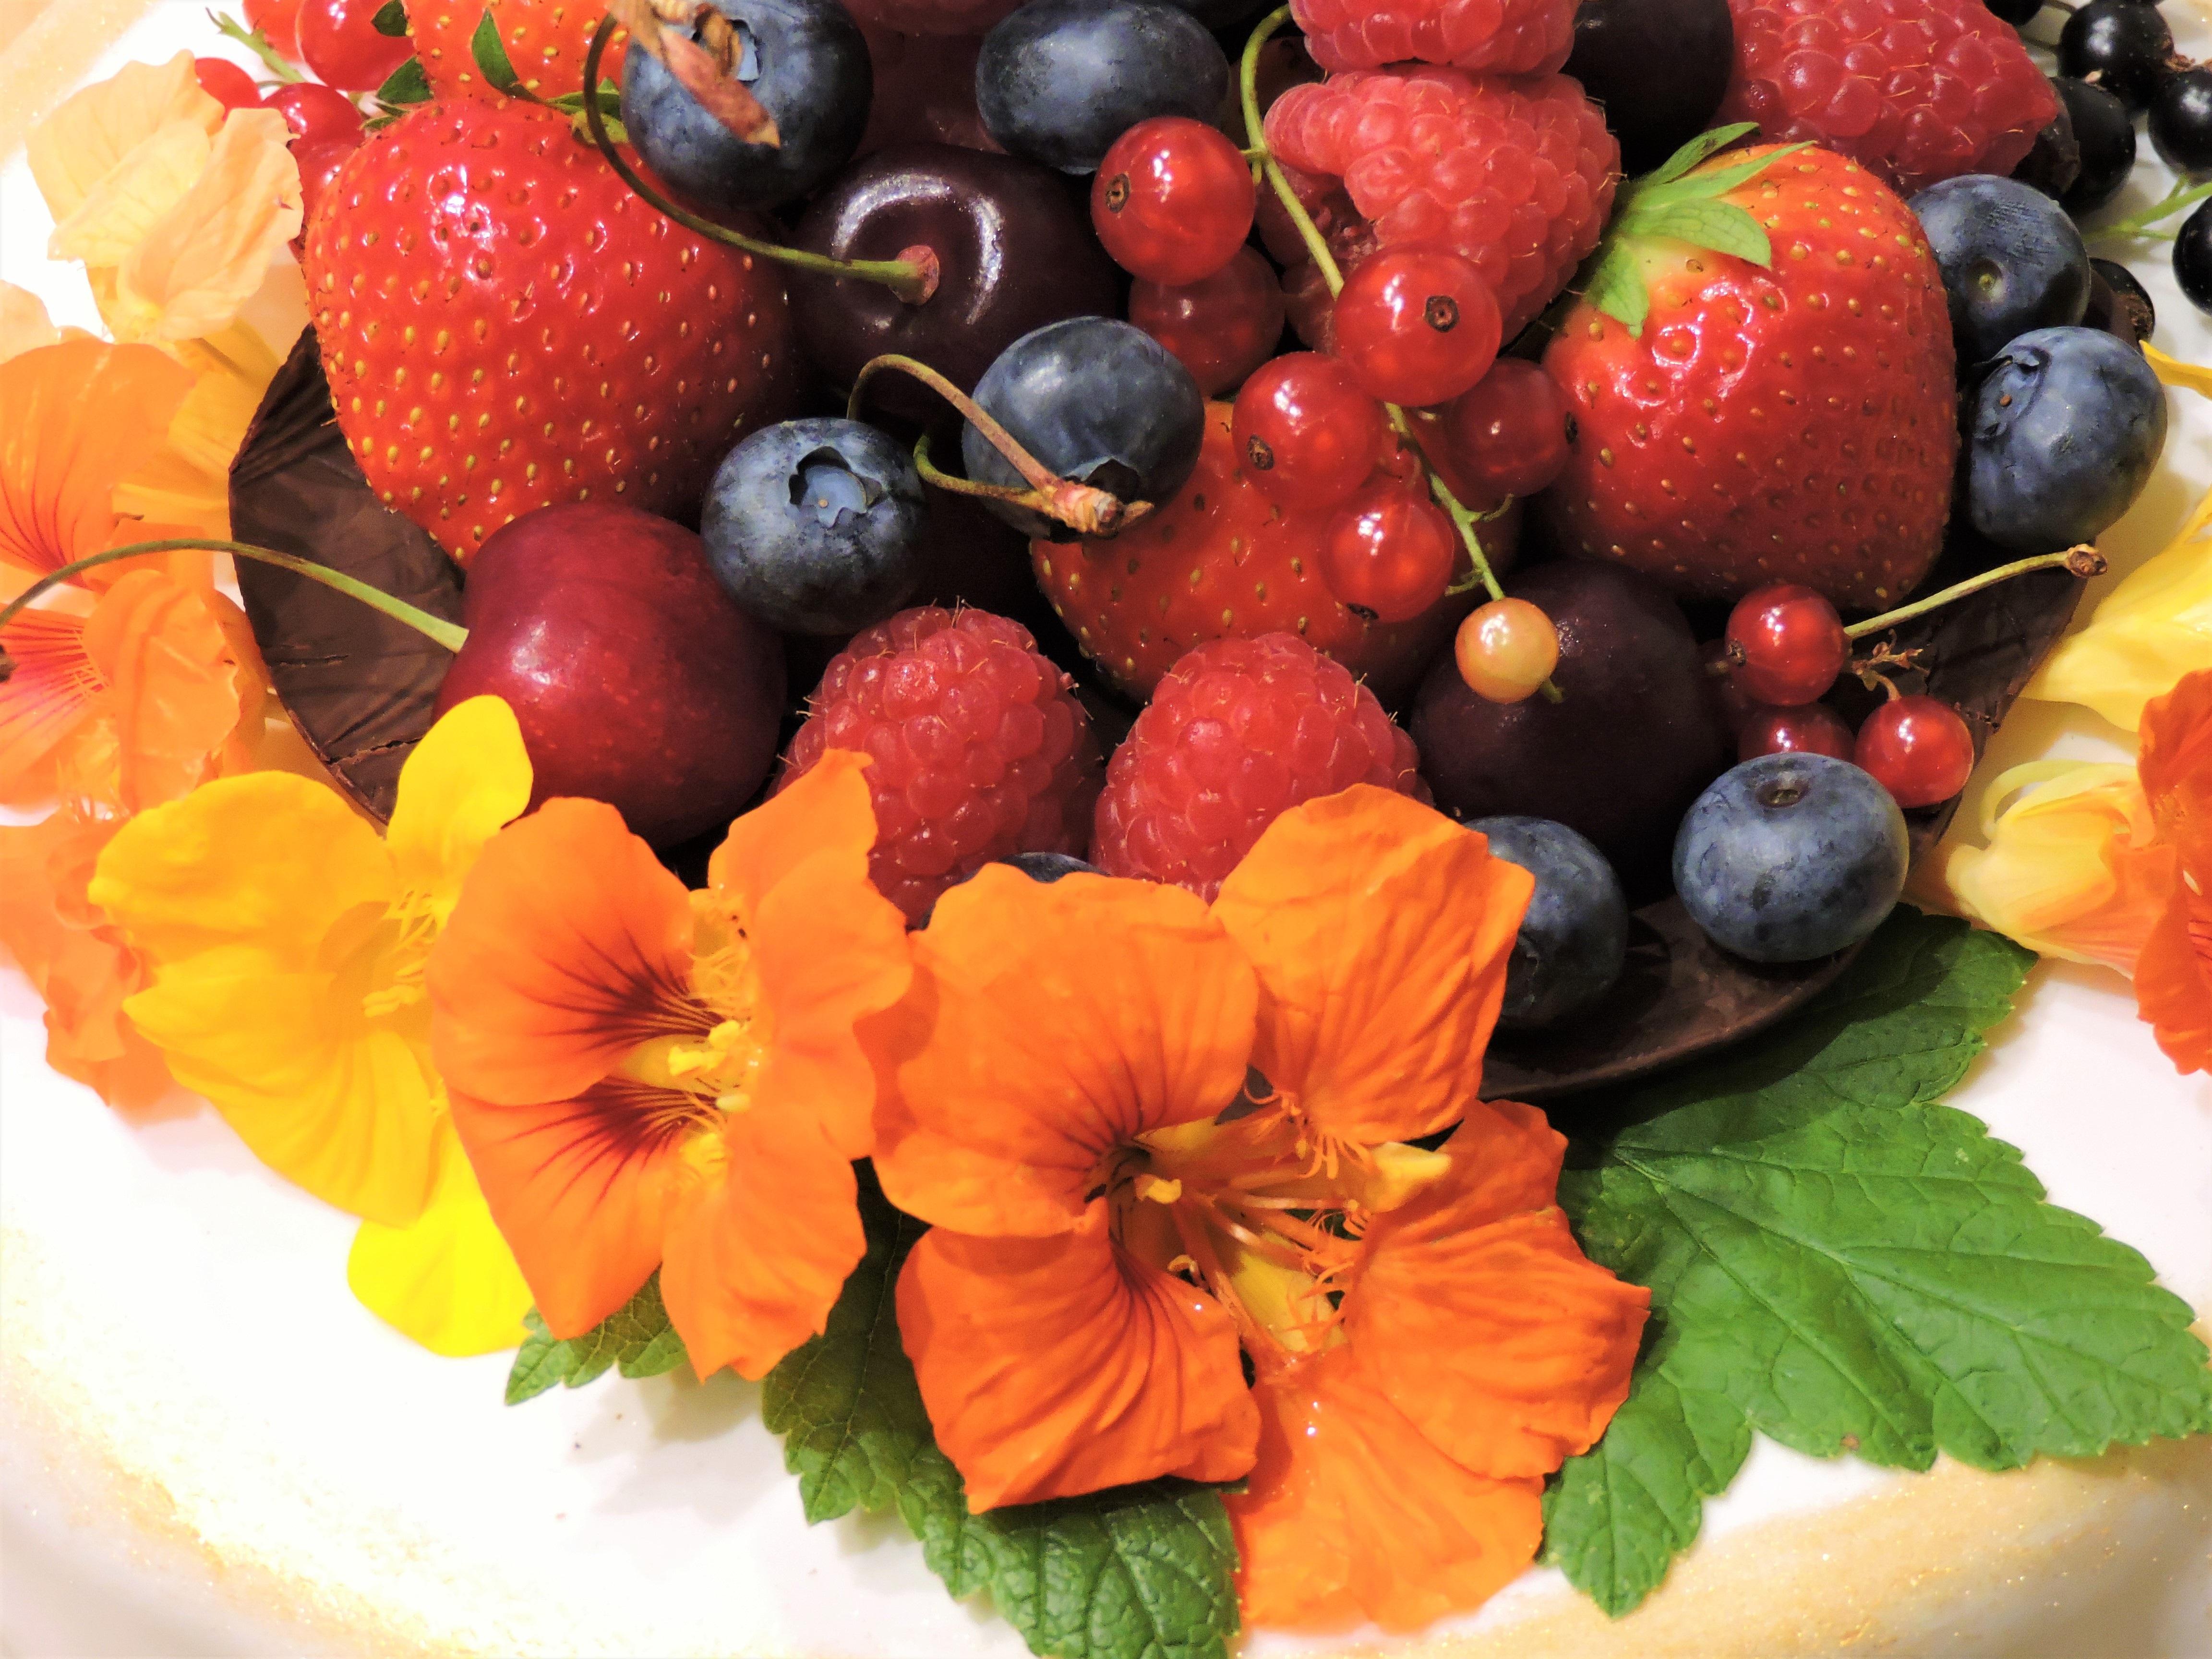 Новый, картинки цветов и фруктов ягод